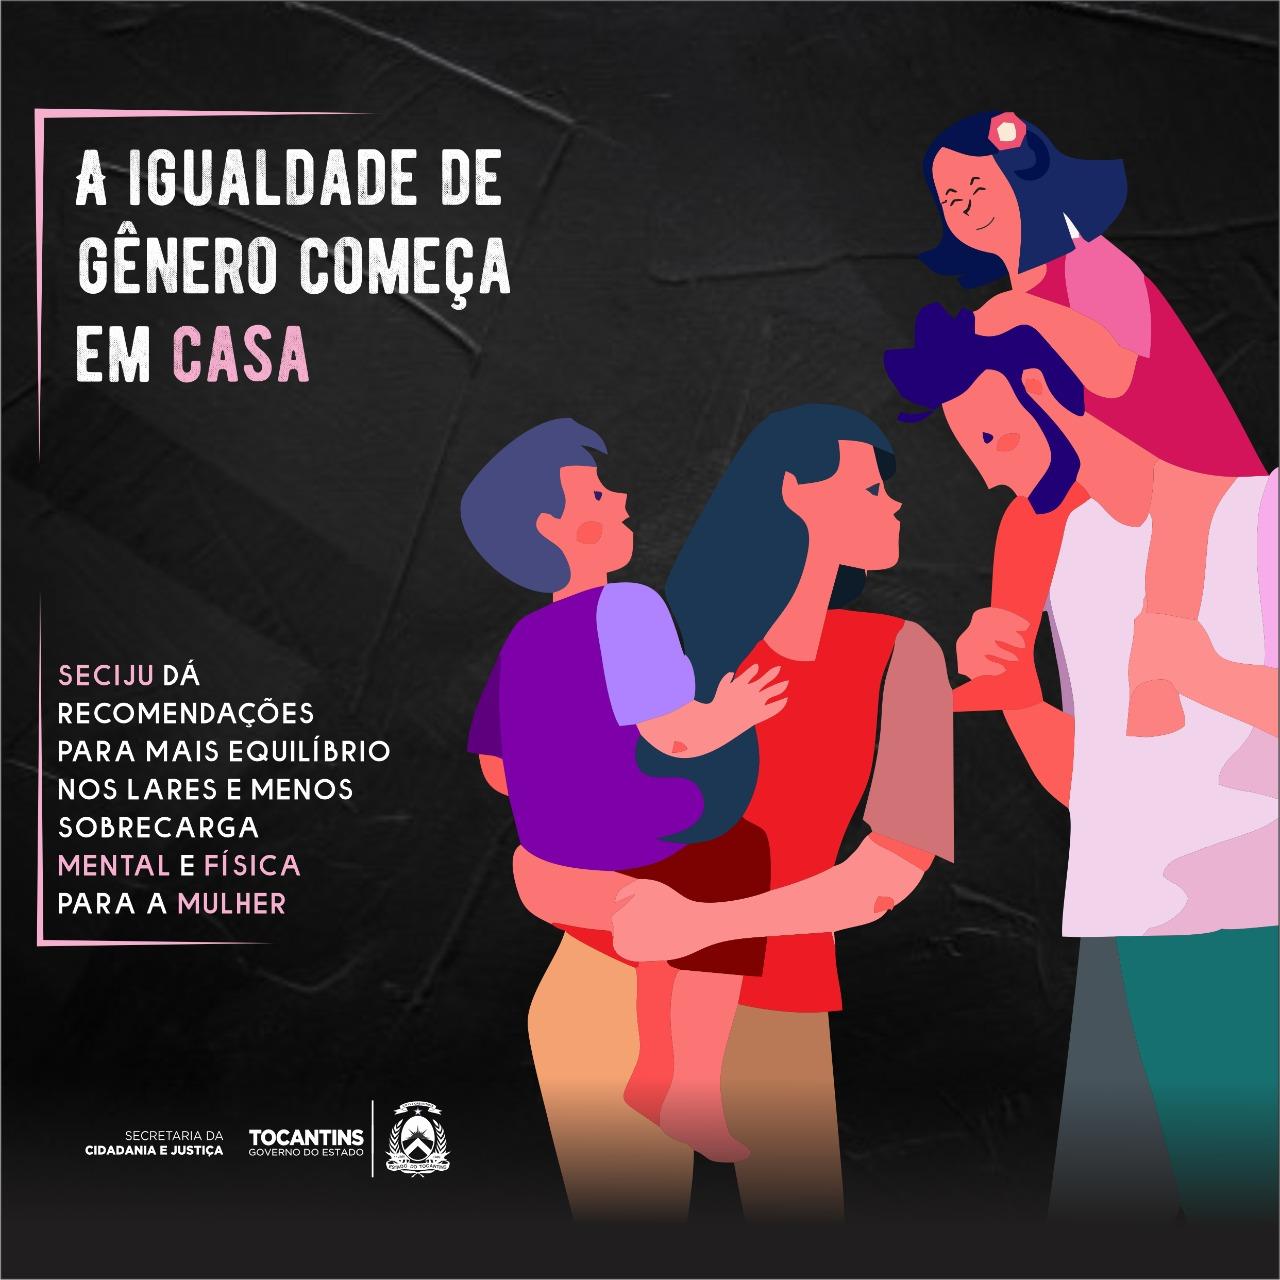 Seciju dá recomendações para apoiar igualdade de gênero em casa e minimizar efeitos negativos da pandemia